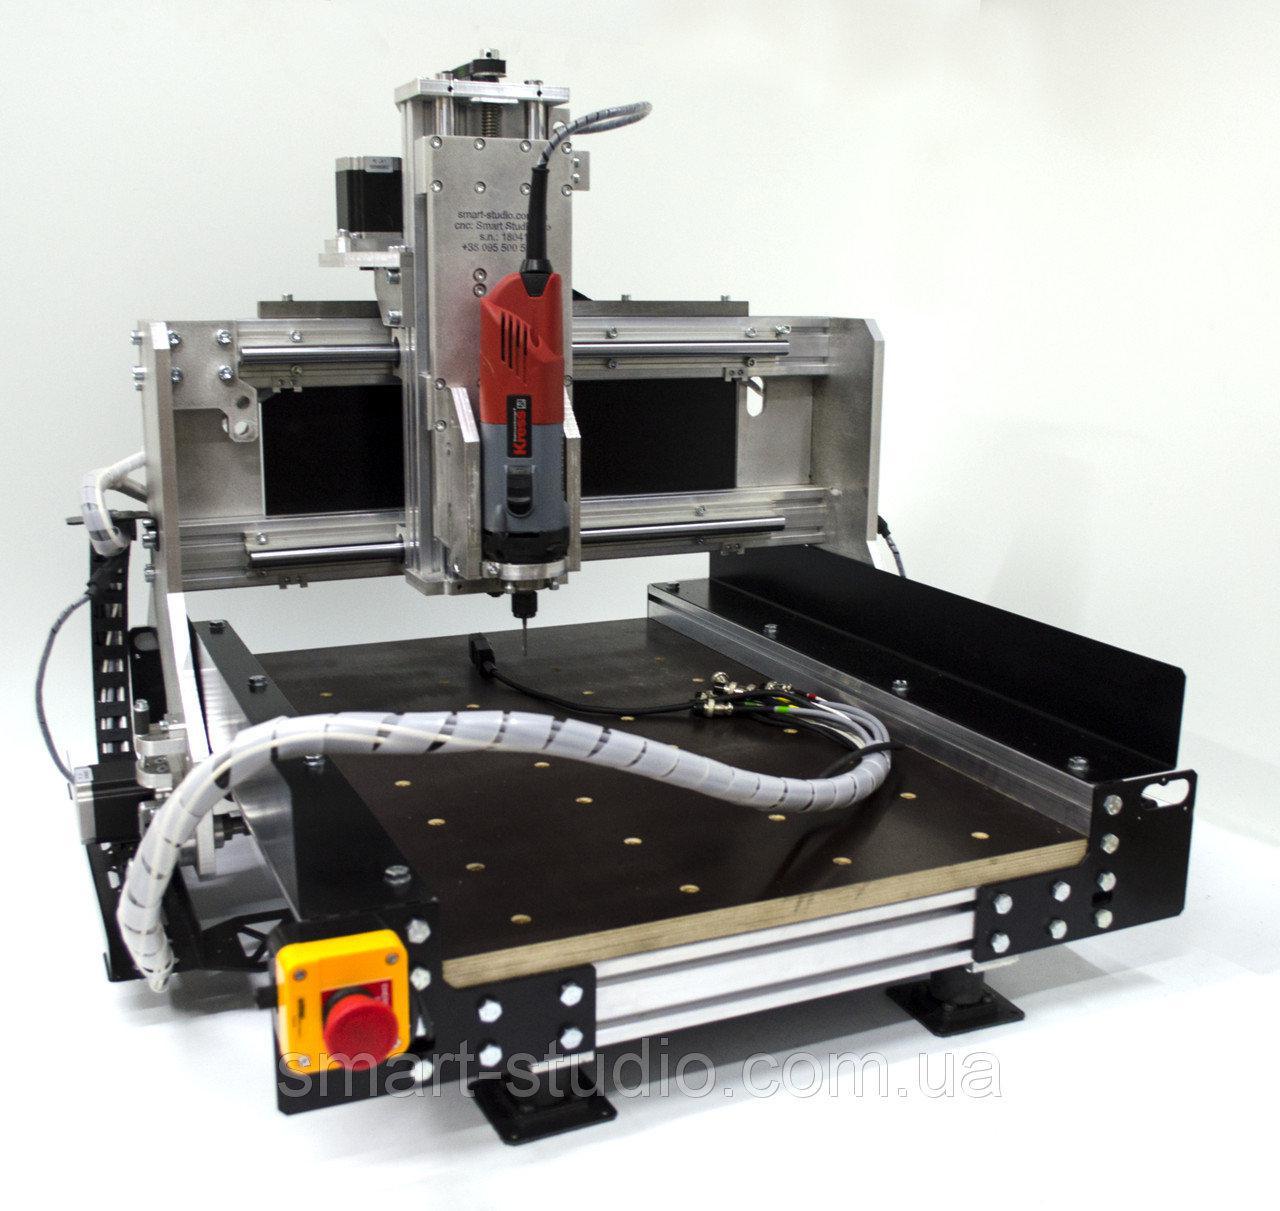 Фрезерный станок с ЧПУ SmartStudio PRO 400x600